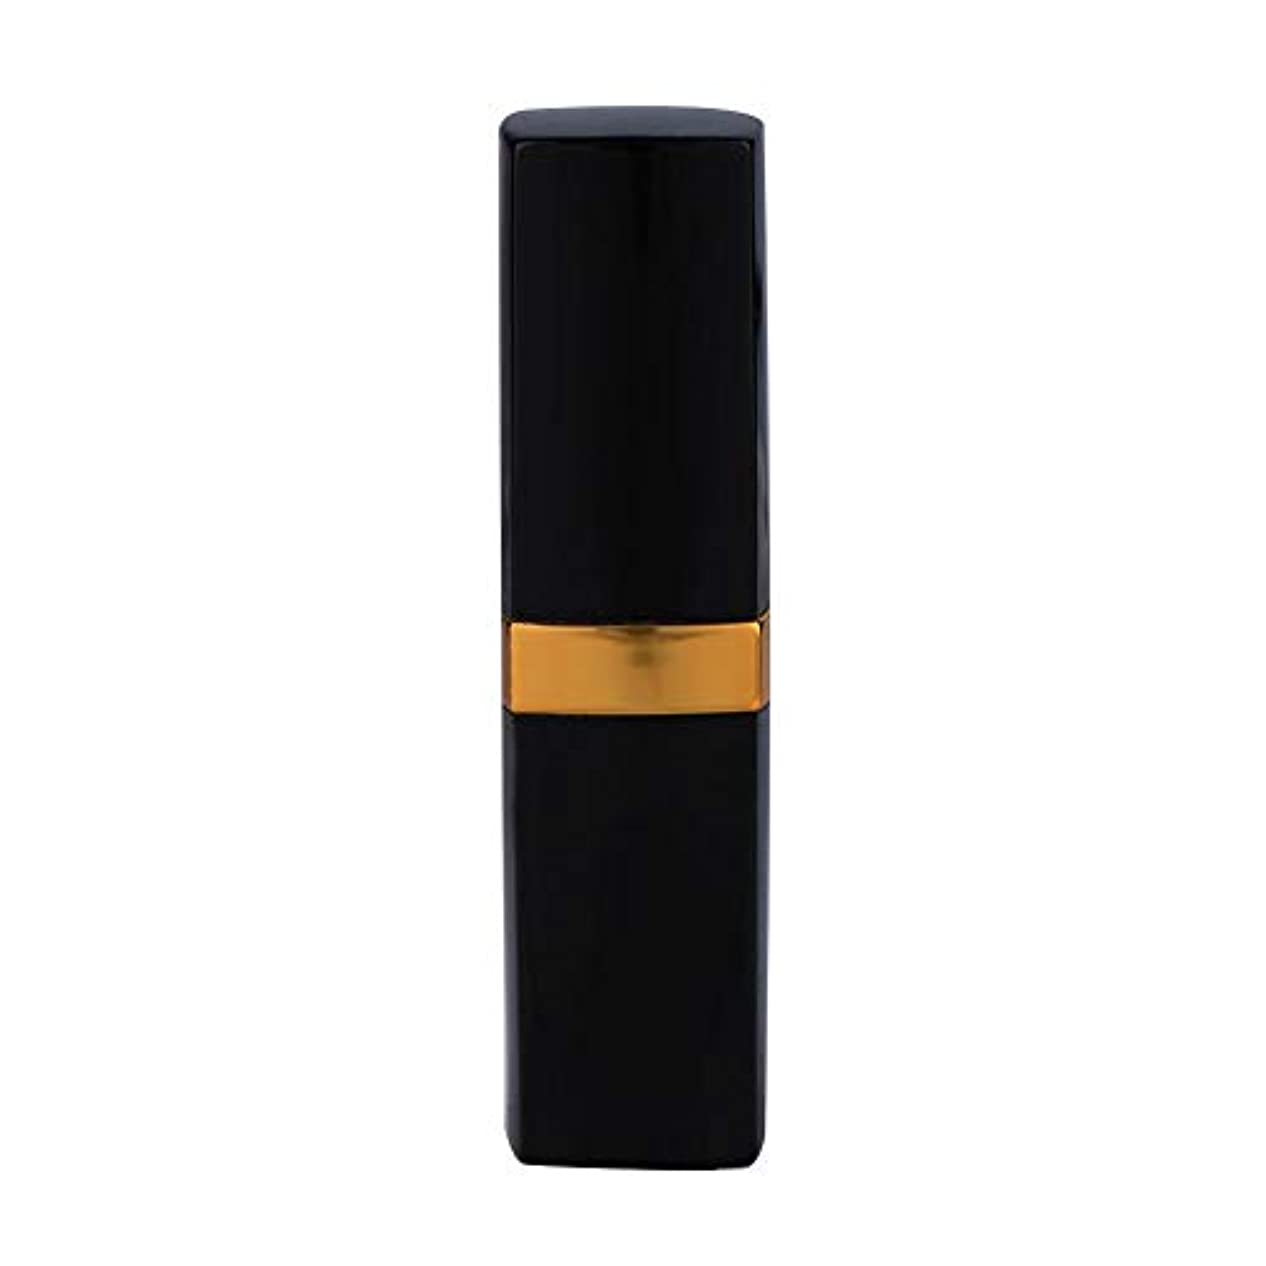 帝国主義即席メッシュ一時的な口紅の染毛剤のペン、使い捨て可能なカバー白髪の死ぬ道具(黒褐色)